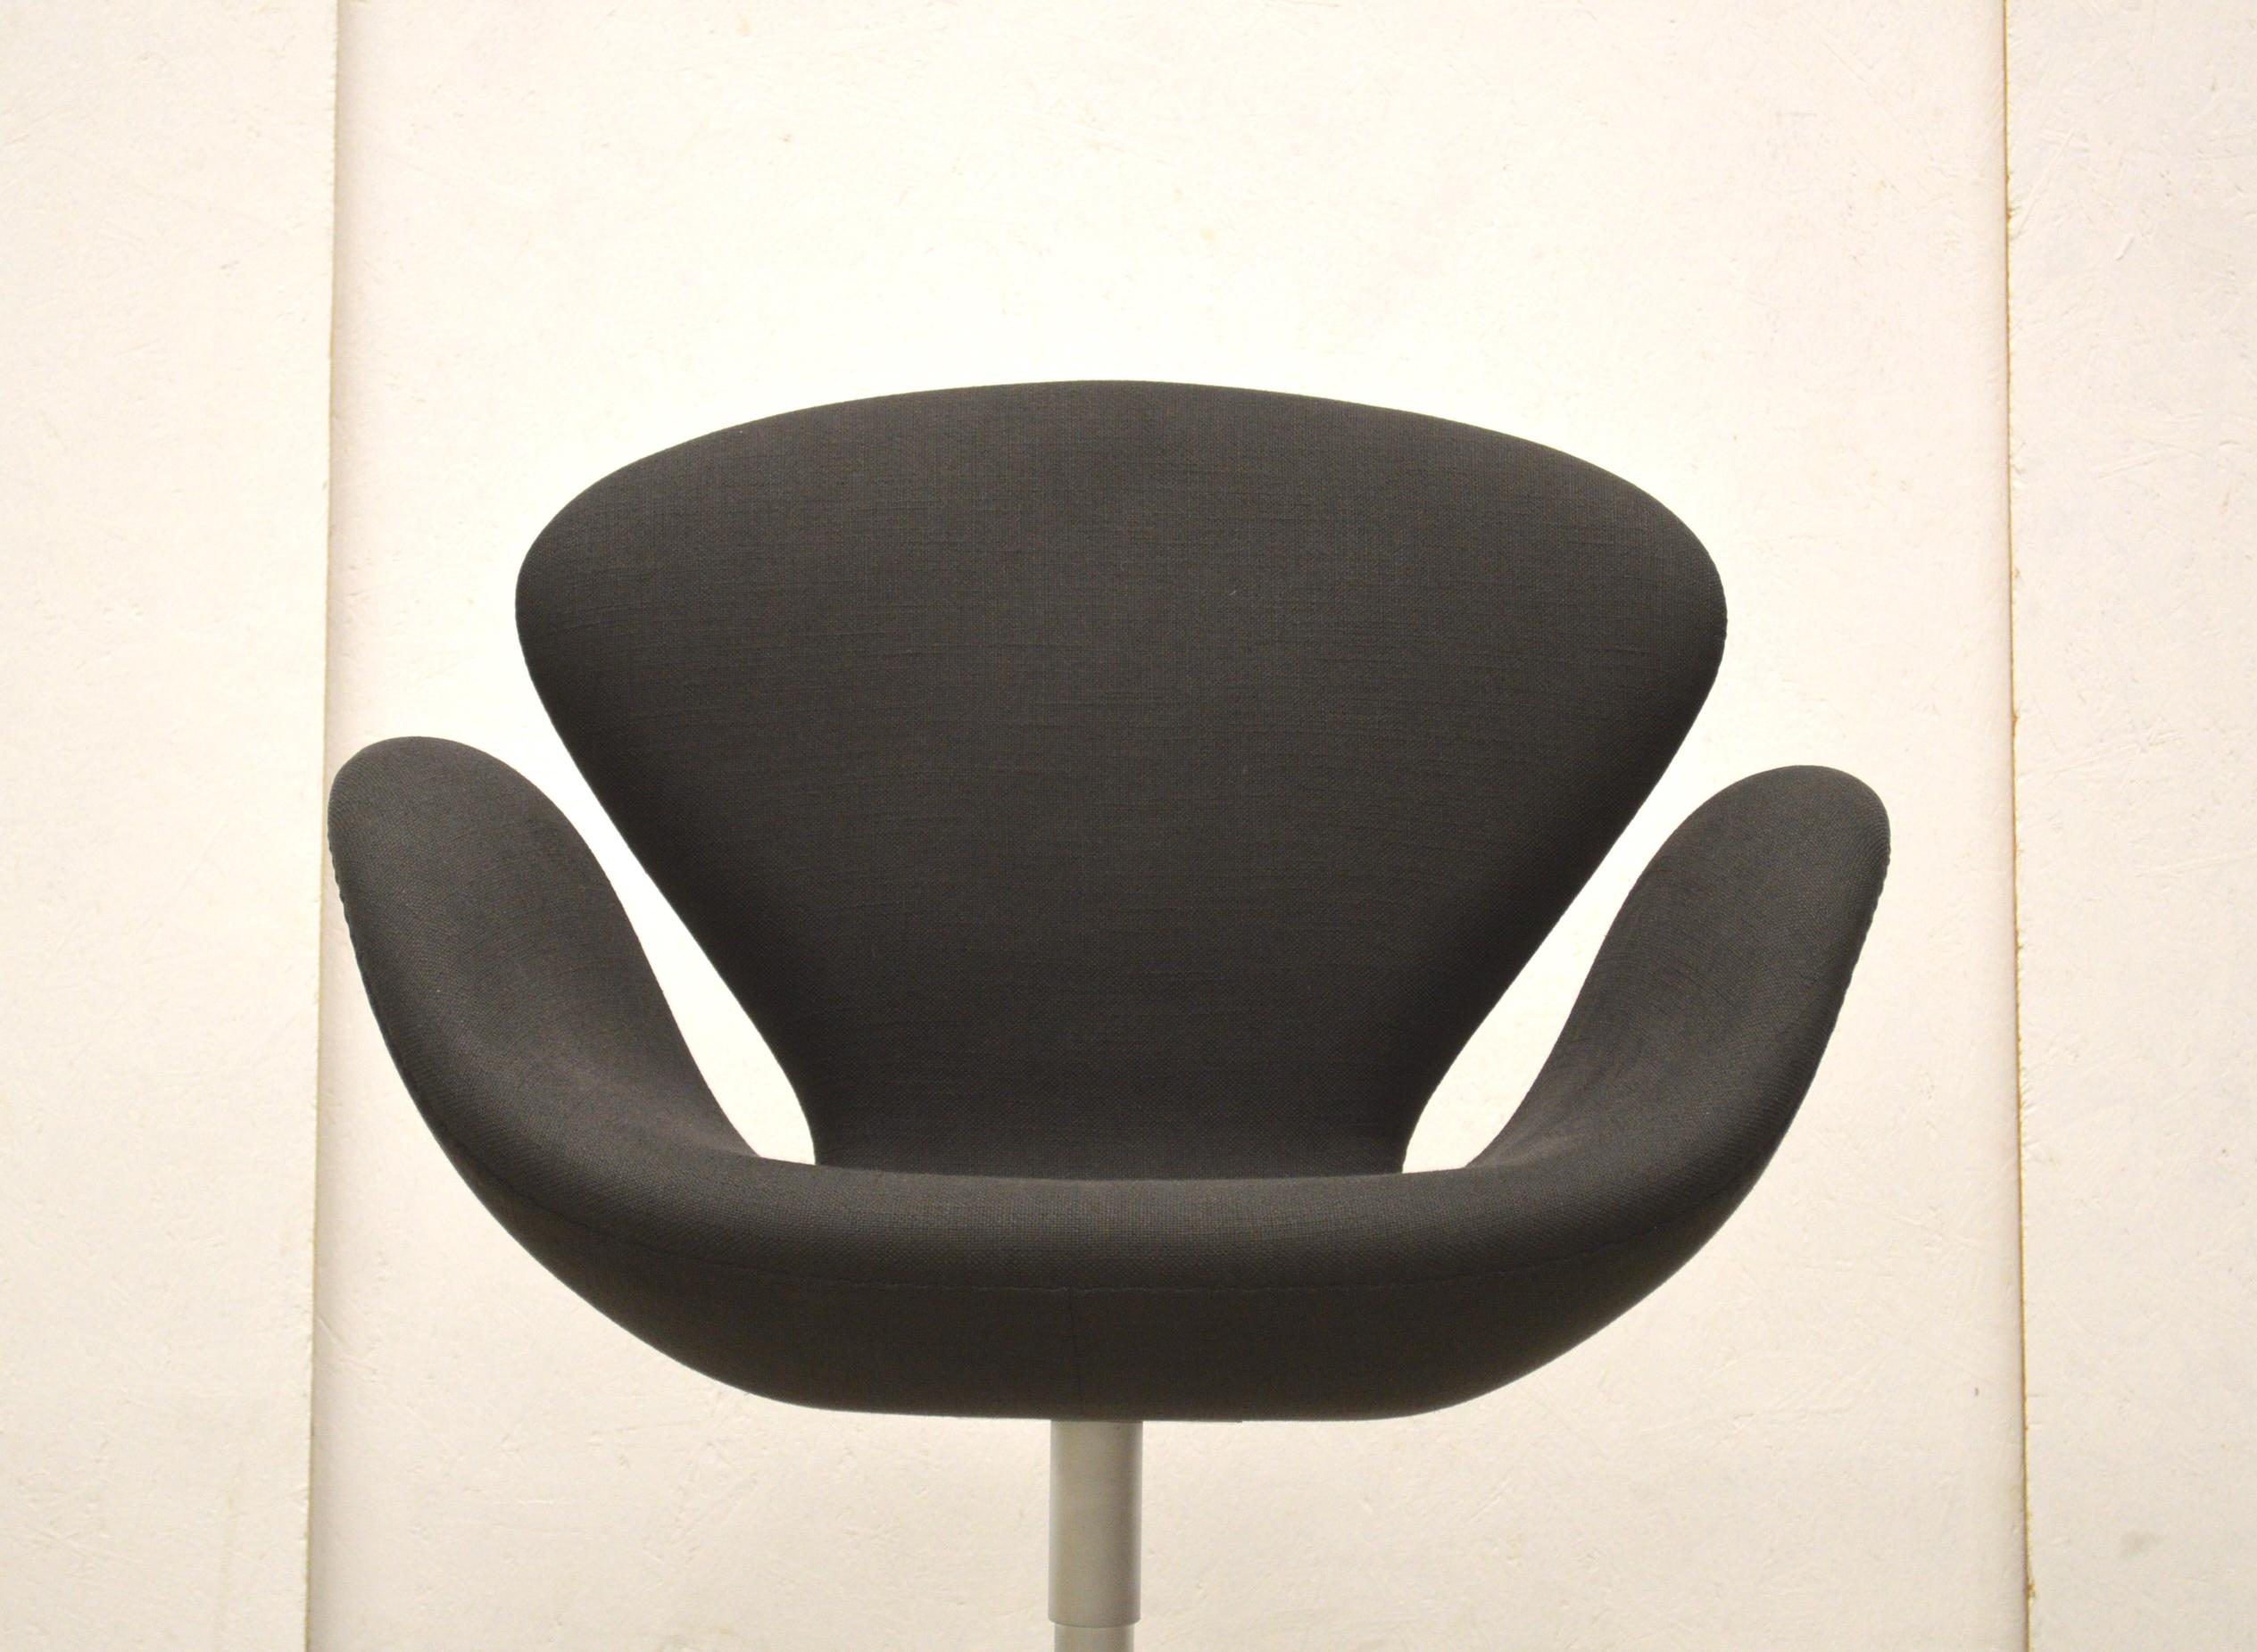 Arne Jacobsen Swan Chair By Fritz Hansen 2012 Edition Interior Aksel